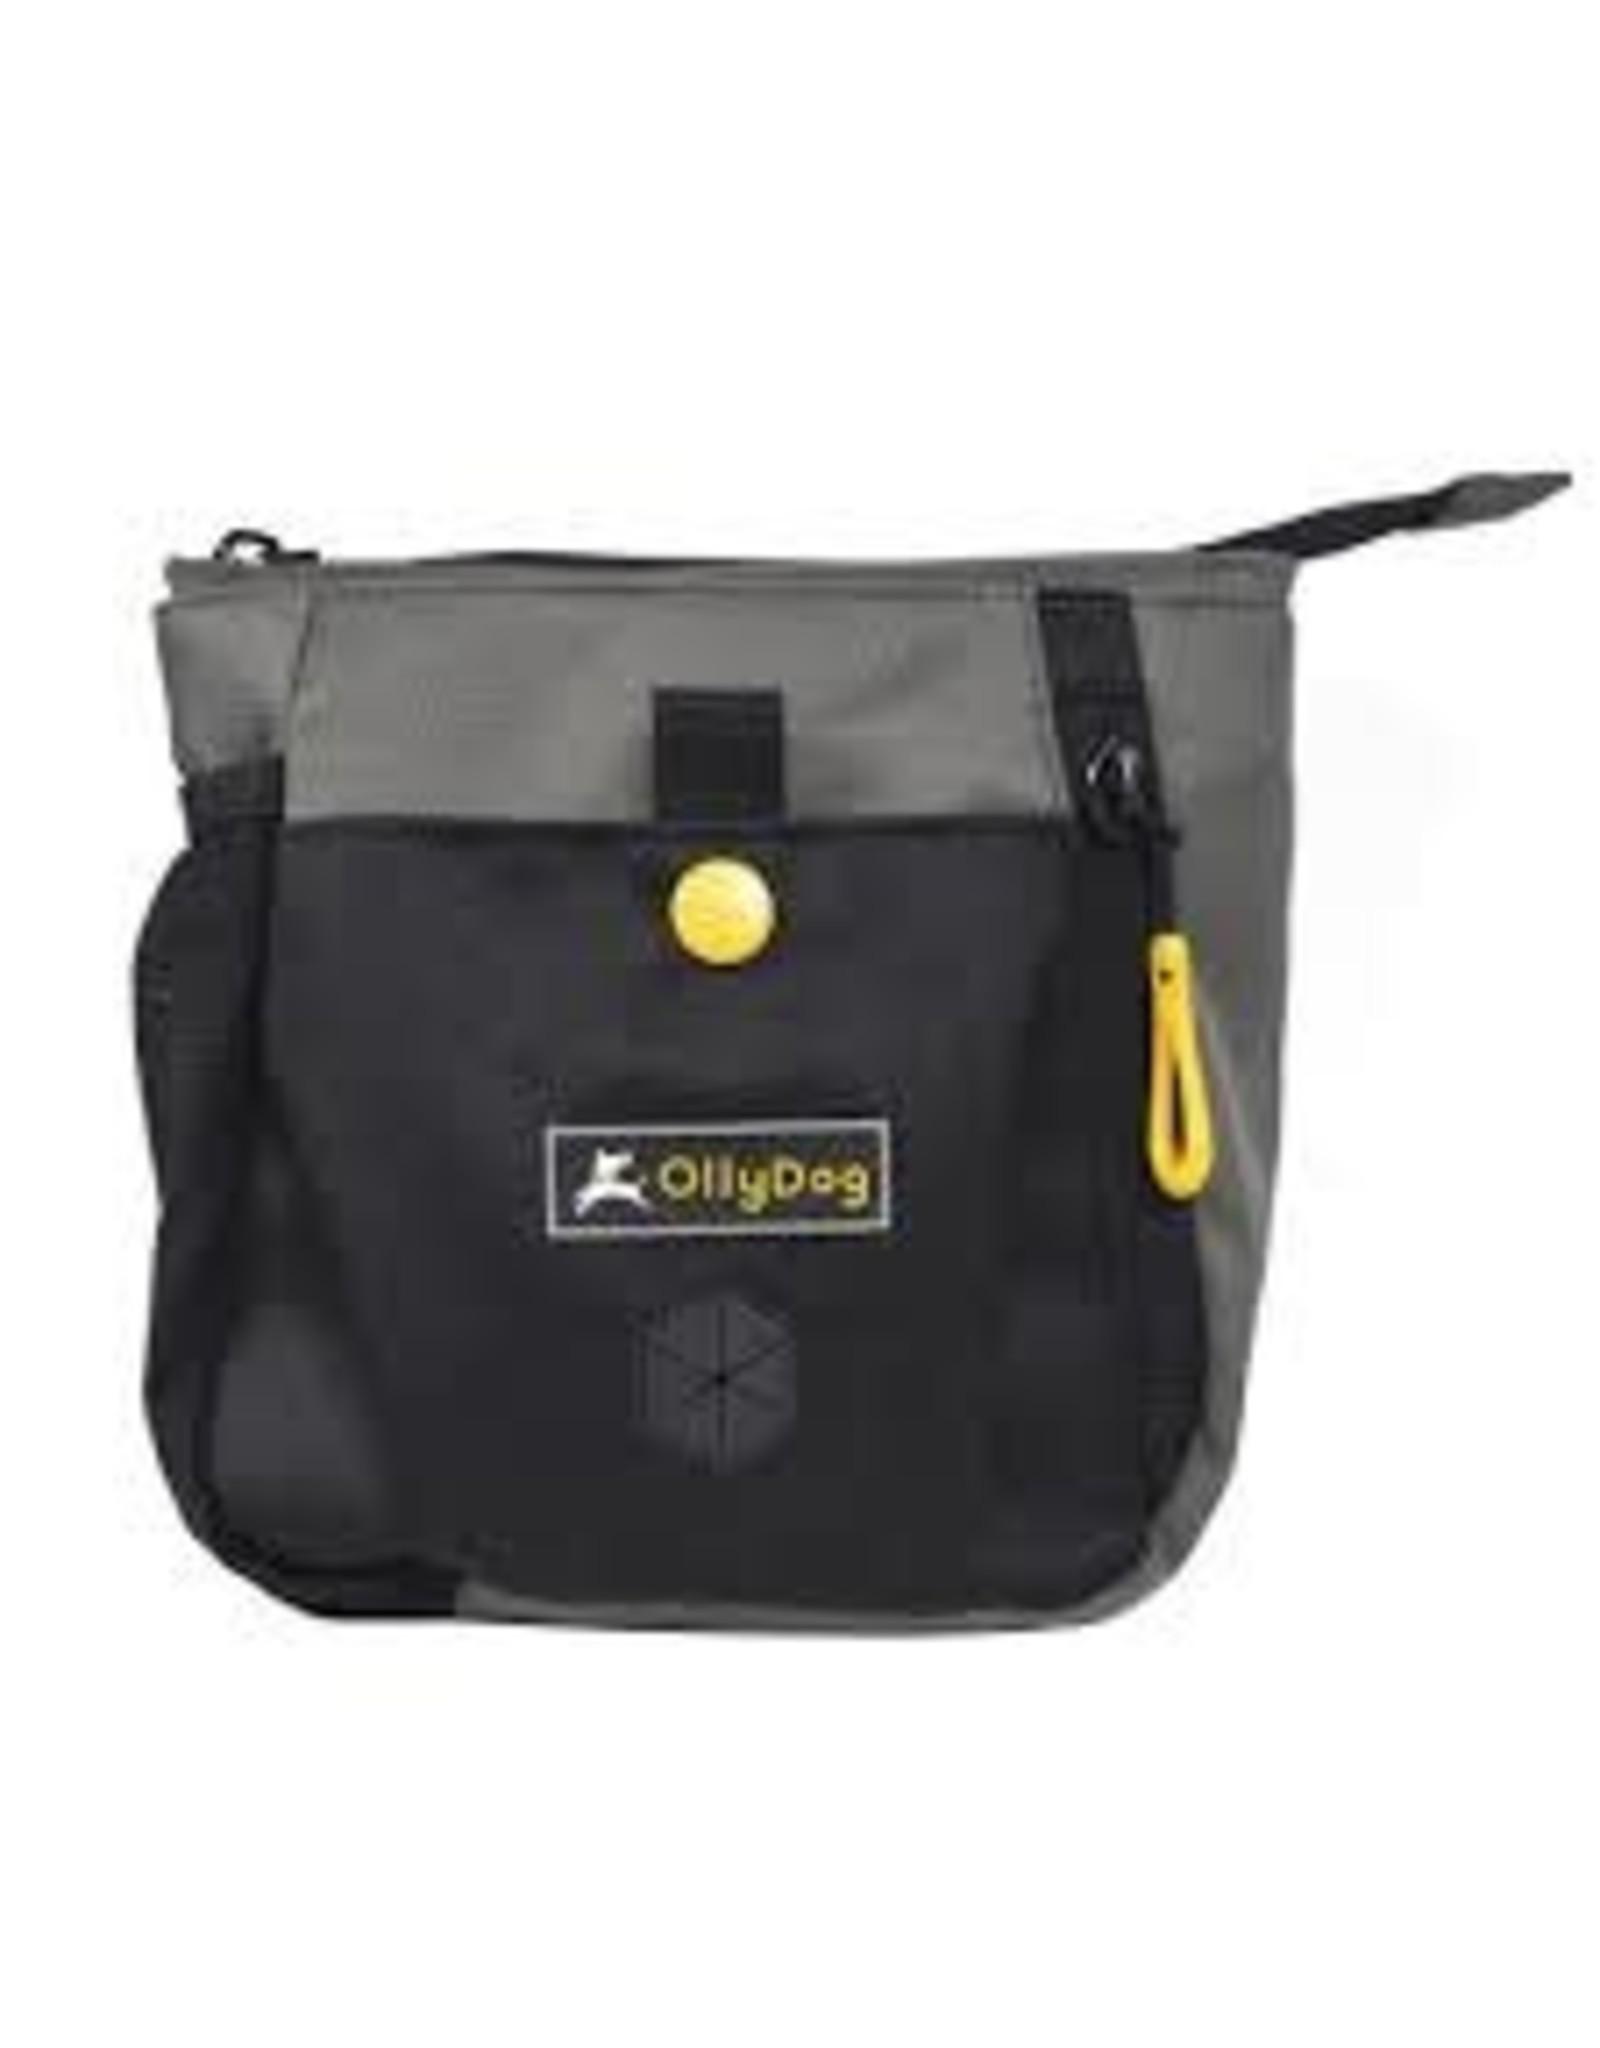 OllyDog OllyDog BackCountry Day Bag: Flint, os